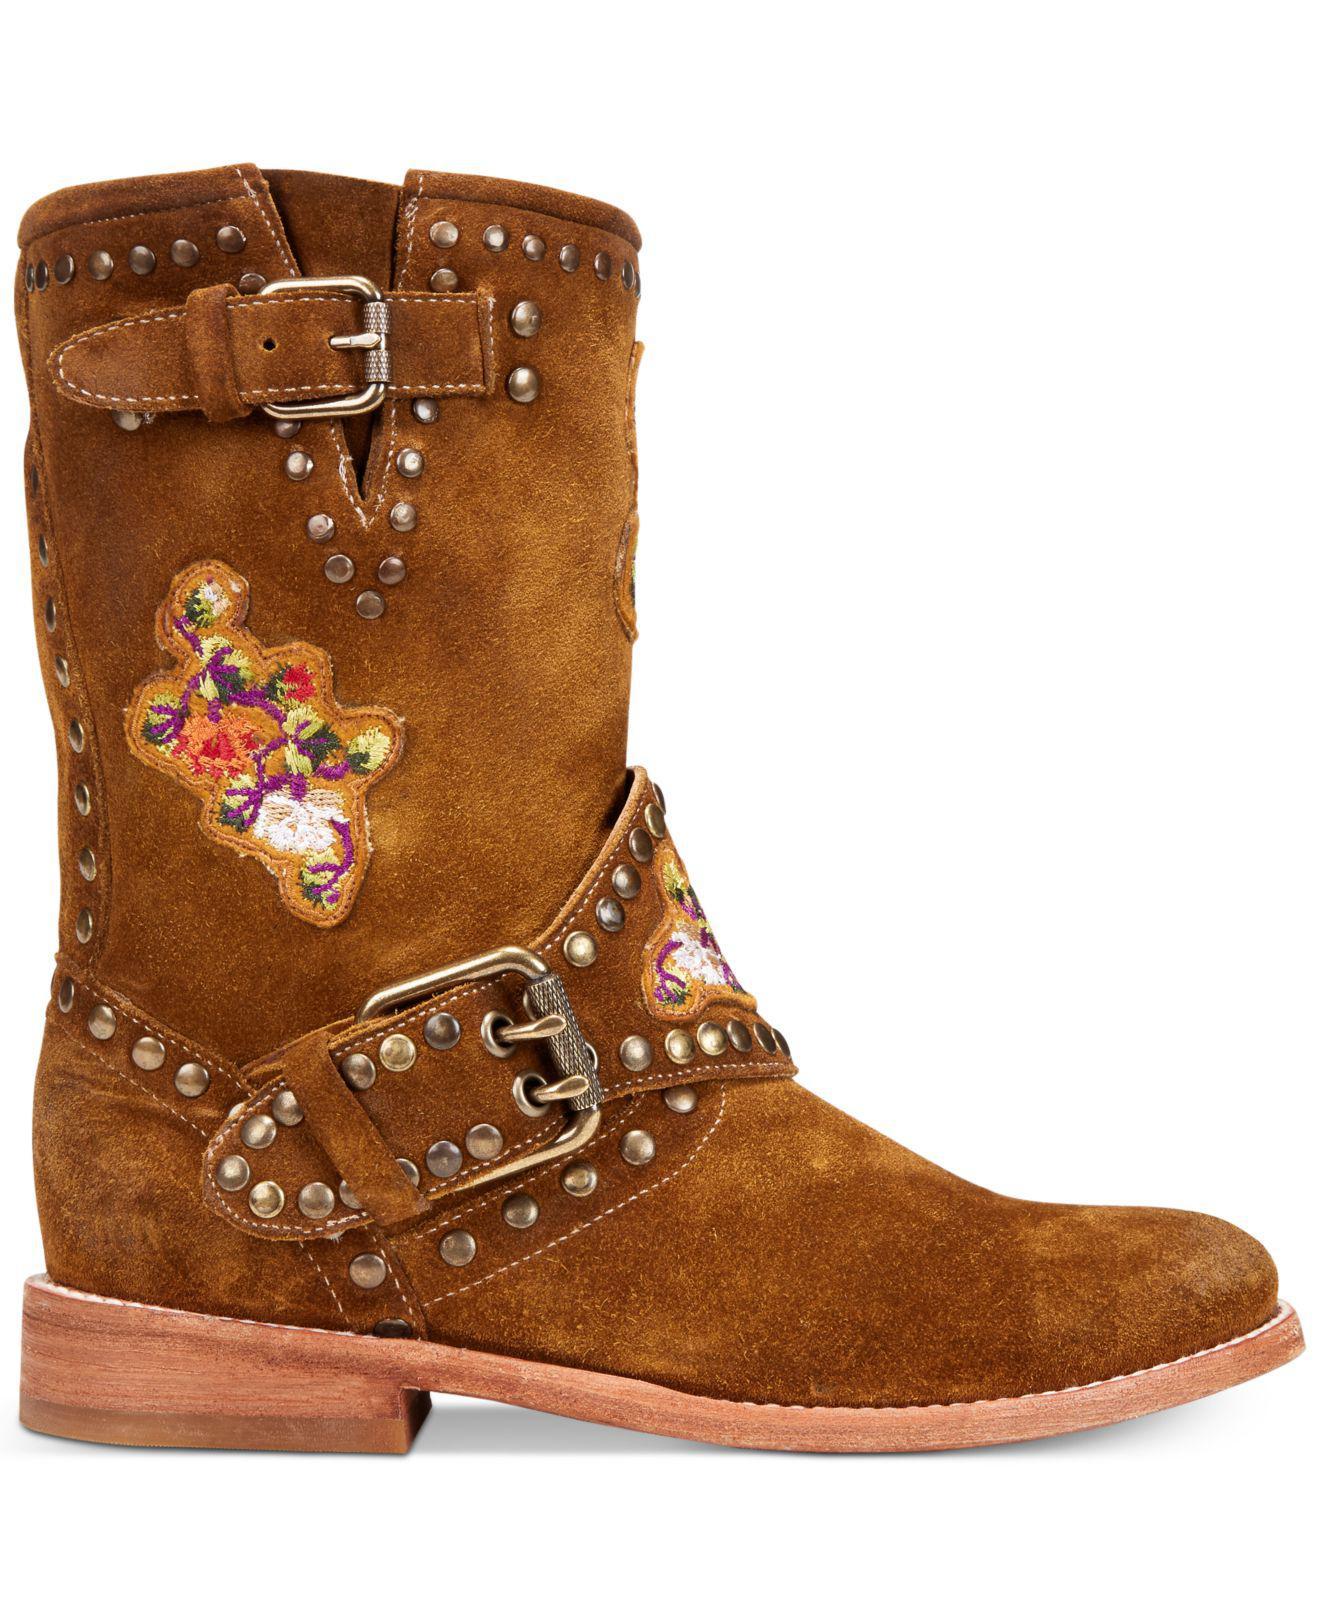 Frye Womens Nat Flower Engineer Boots in Brown